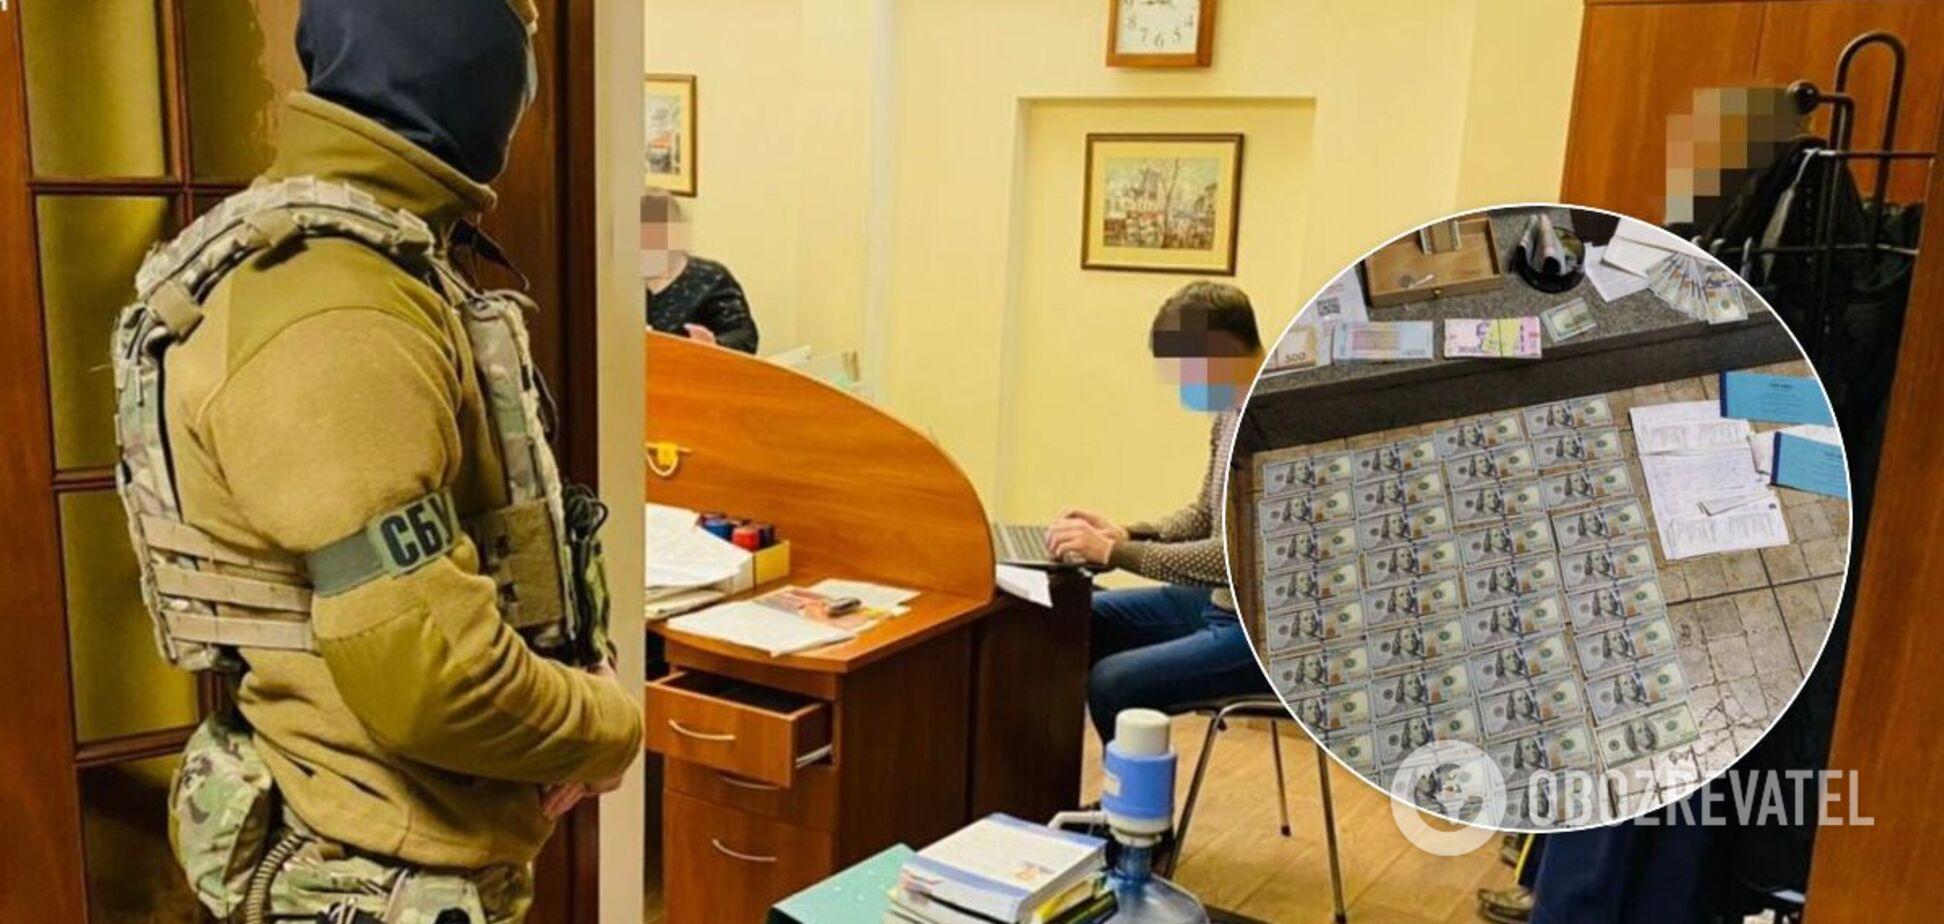 В Україну з 'ЛНР' завезли контрабанди на 300 млн грн: гроші йшли терористам